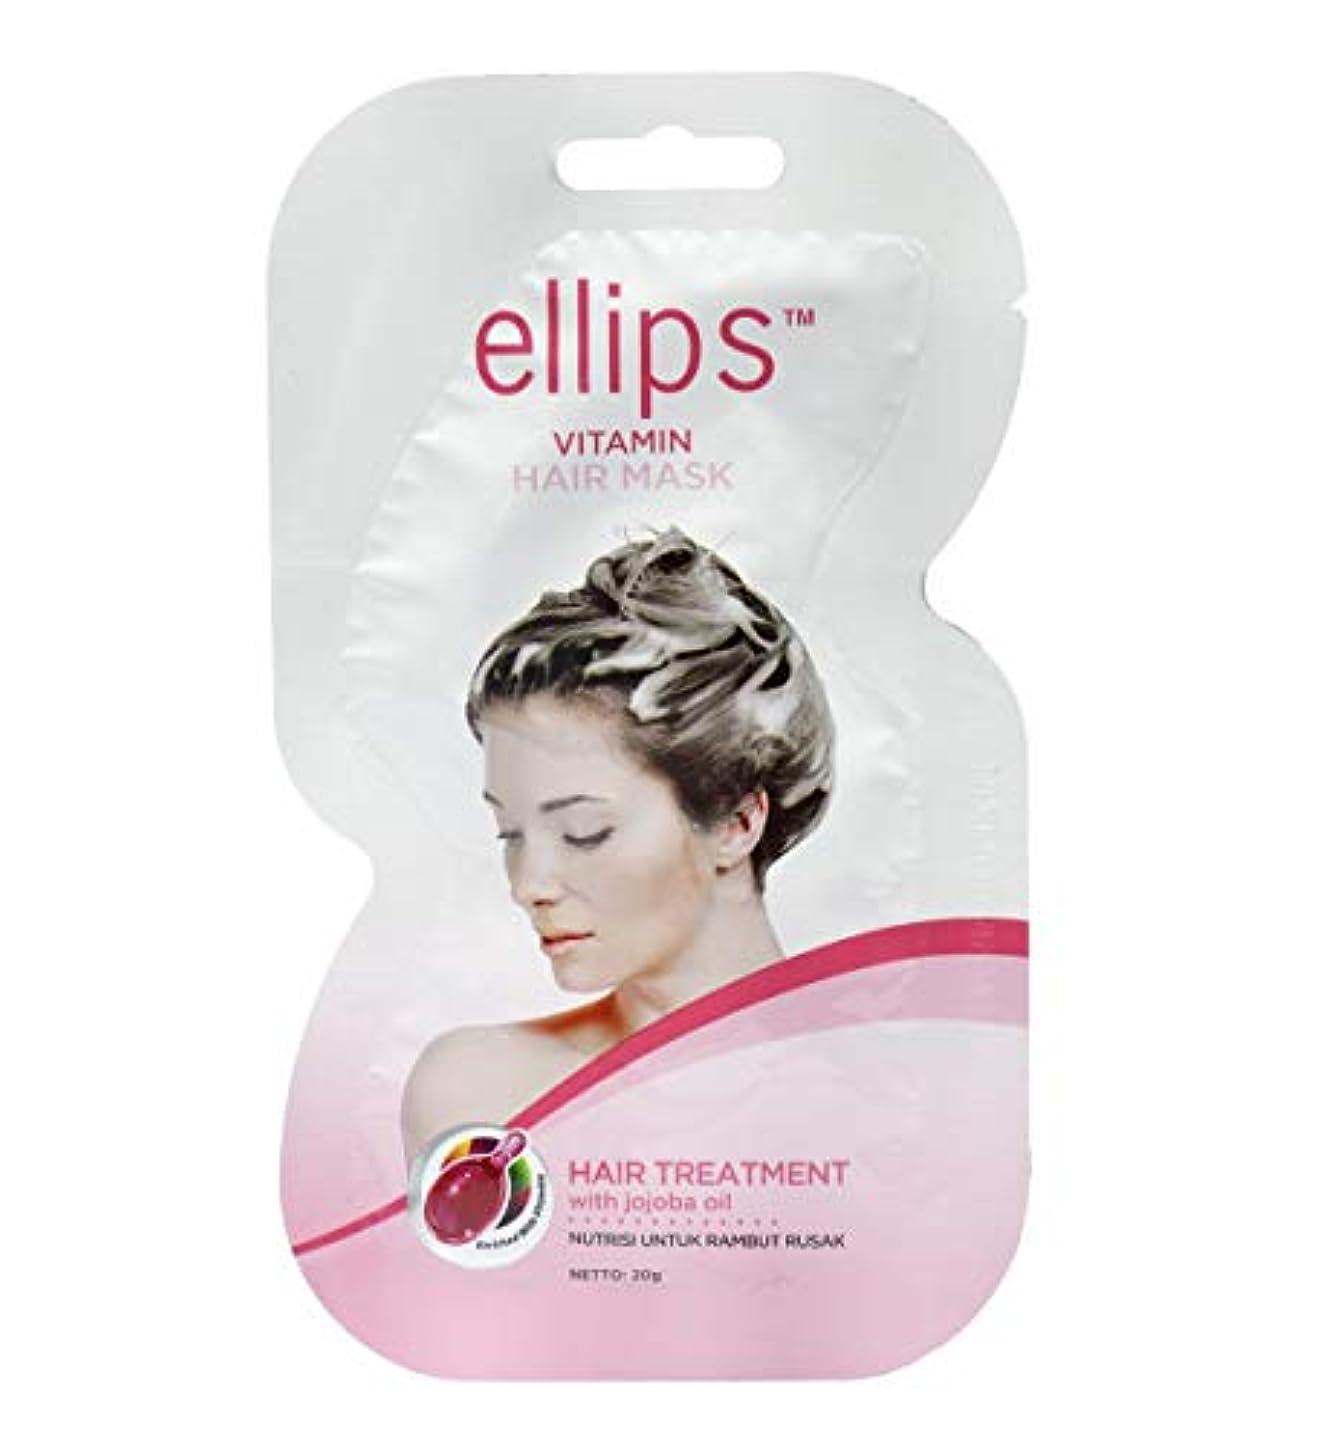 ビュッフェペンダント属性ellips(エリップス) ヘアマスク ヘアパック シートタイプ 洗い流すヘアトリートメント ヘアケア ピンク(ダメージ用)